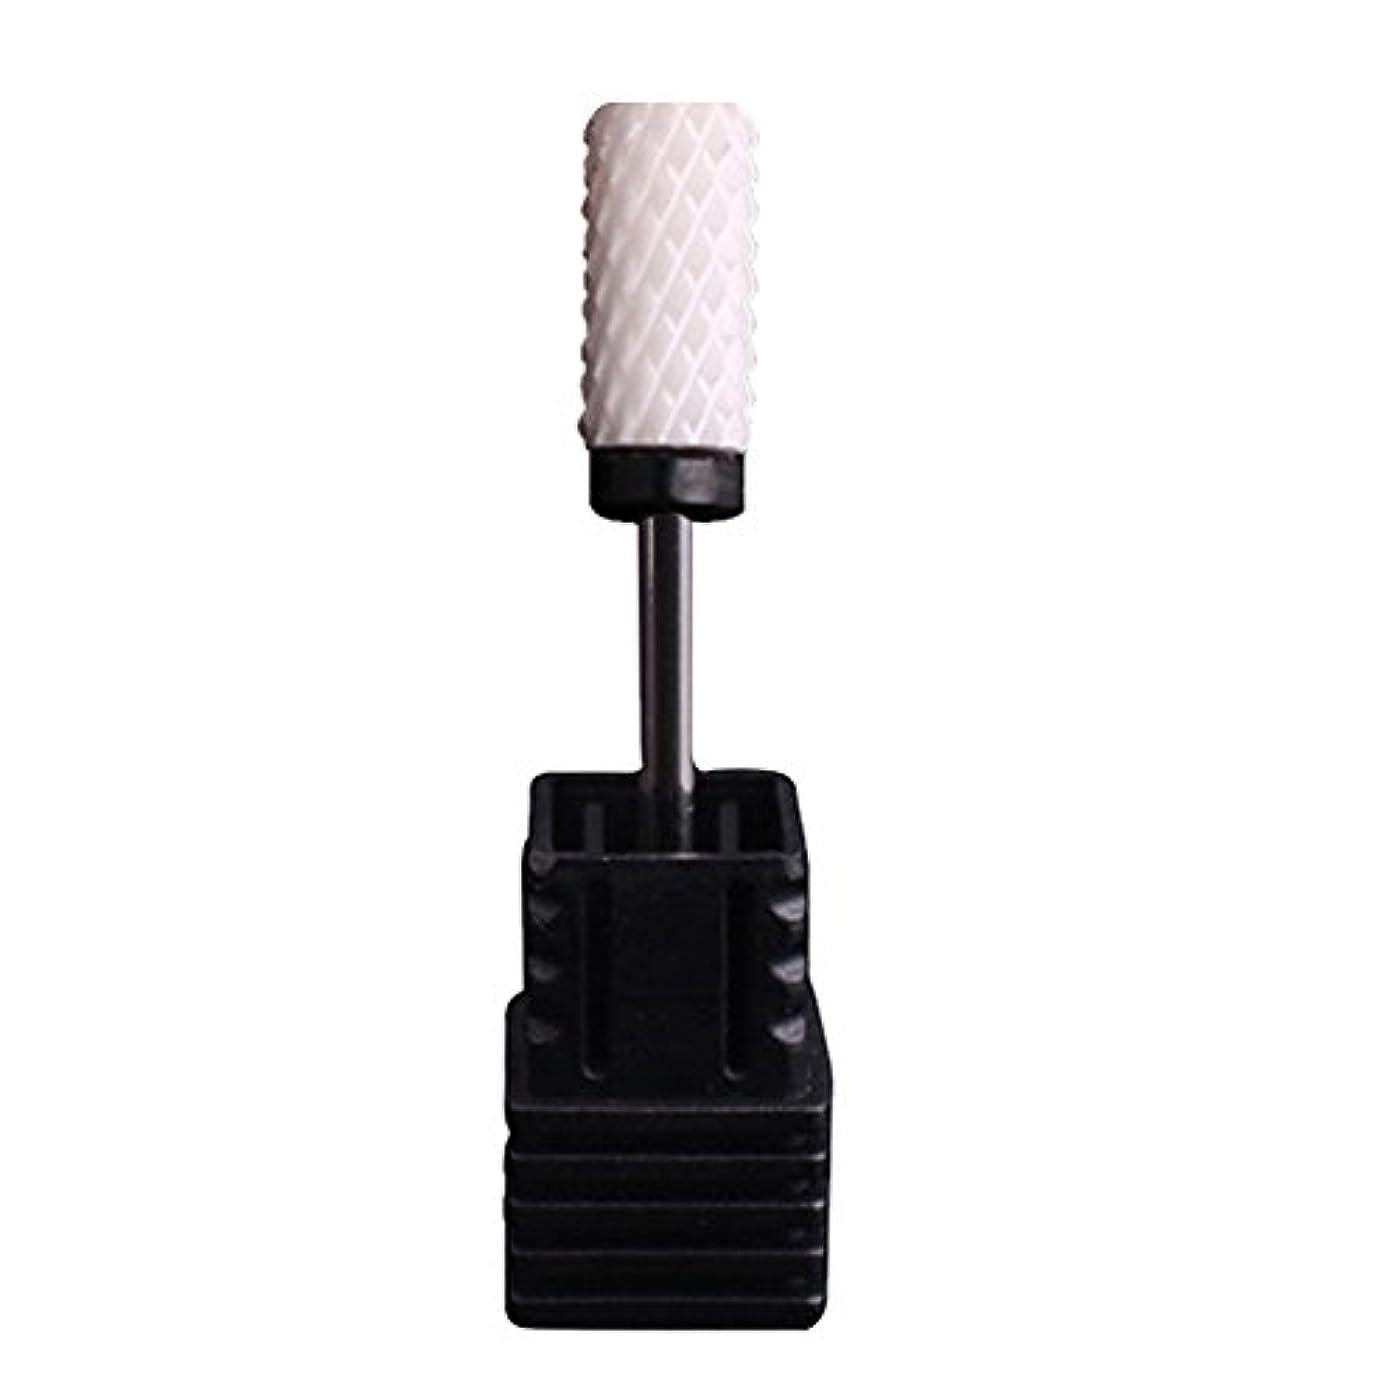 フレア不和ラインTerGOOSE 陶磁器ドリルビット ネイルマシンビット 研削ネイル ネイルドリルビット ネイルマシーン用ビット 爪ドリルビット 交換用品 耐摩耗性 耐腐食性 高硬度 硬質セラミックドリルビット(XC)